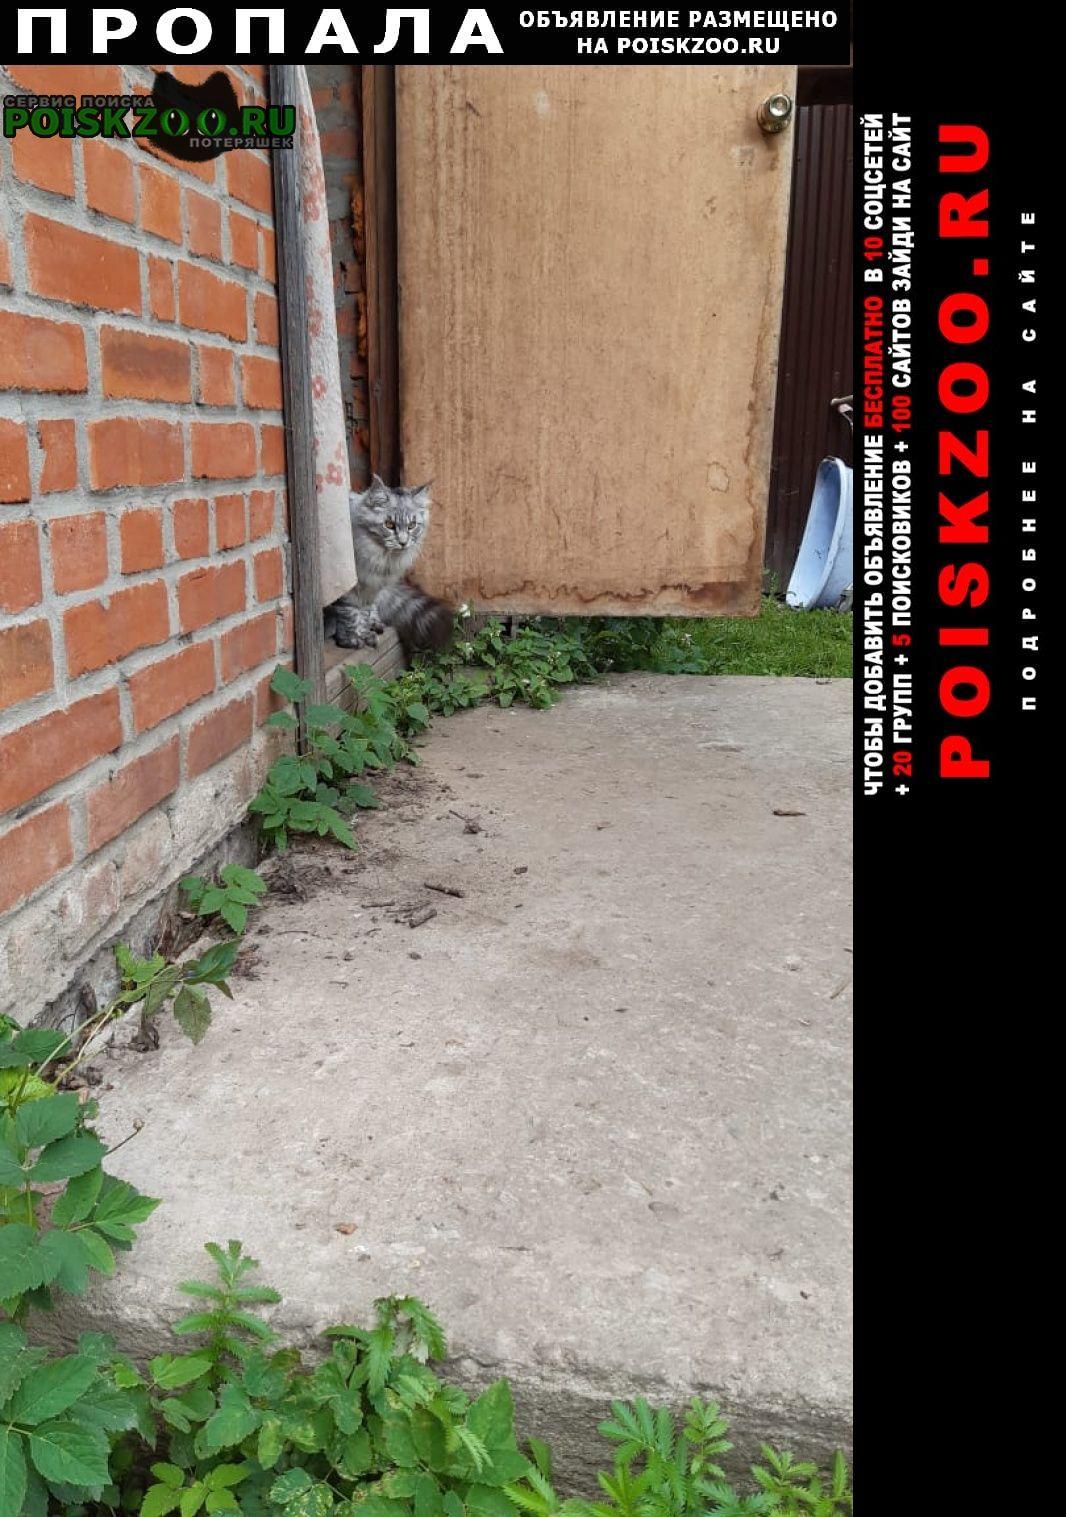 Пропала кошка вознаграждение нашедшему Балашиха